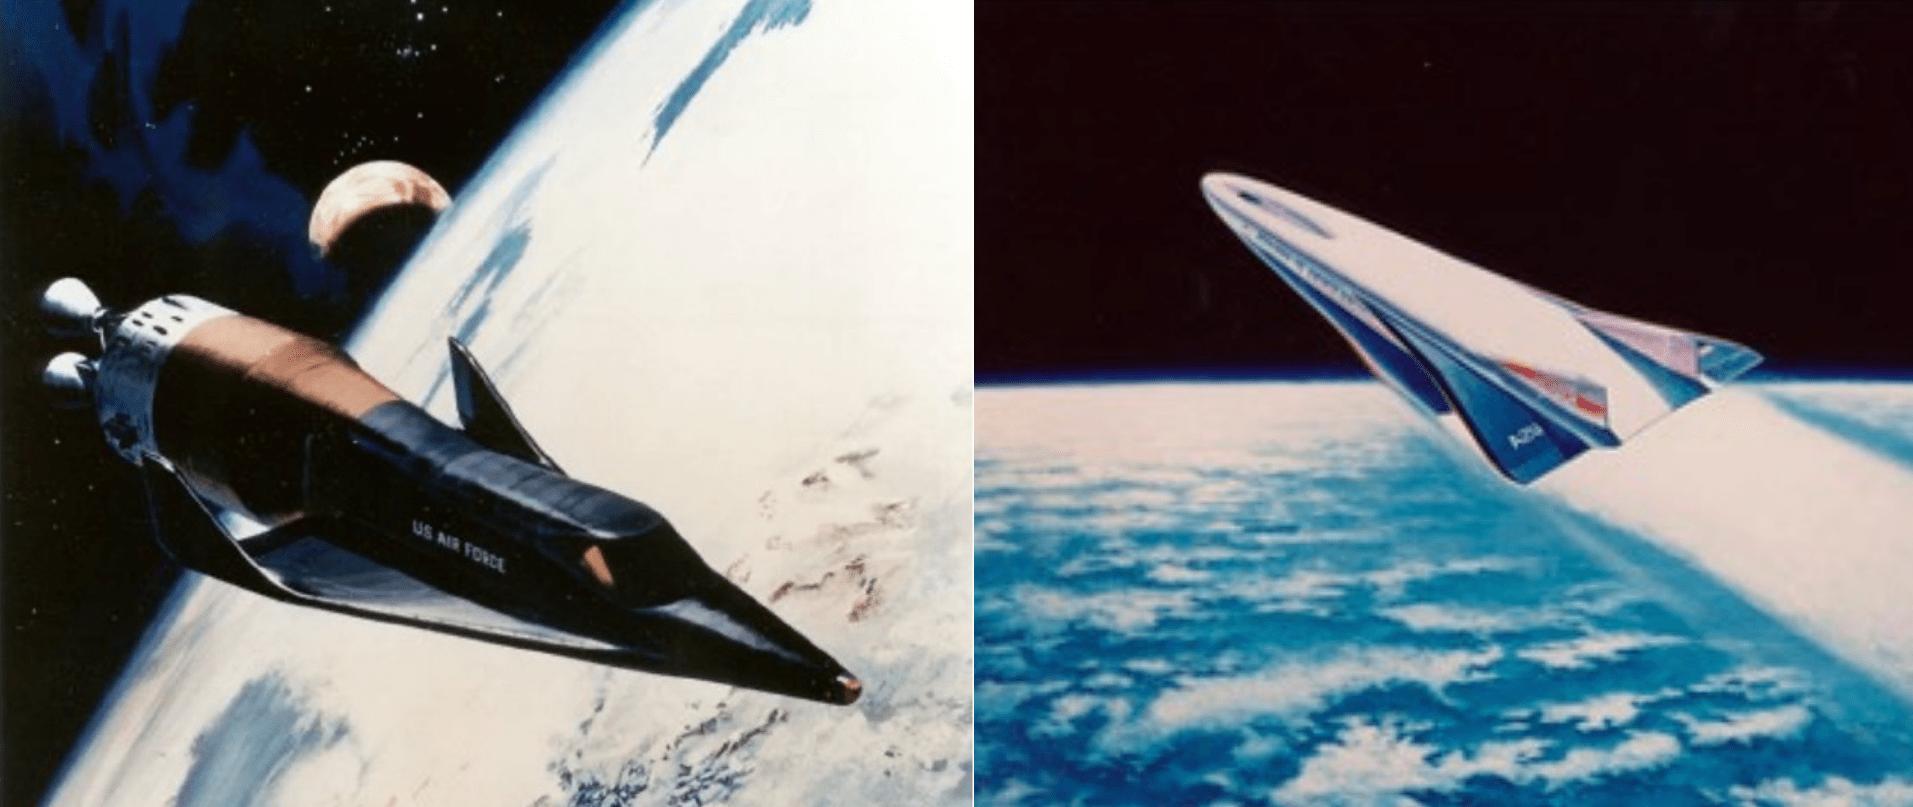 A sinistra una illustrazione artistica dell'X-20 Dyna-Soar in orbita. A destra una Illustrazione artistica del Rockwell X-30 NASP. Credits: U.S. Air Force / NASA